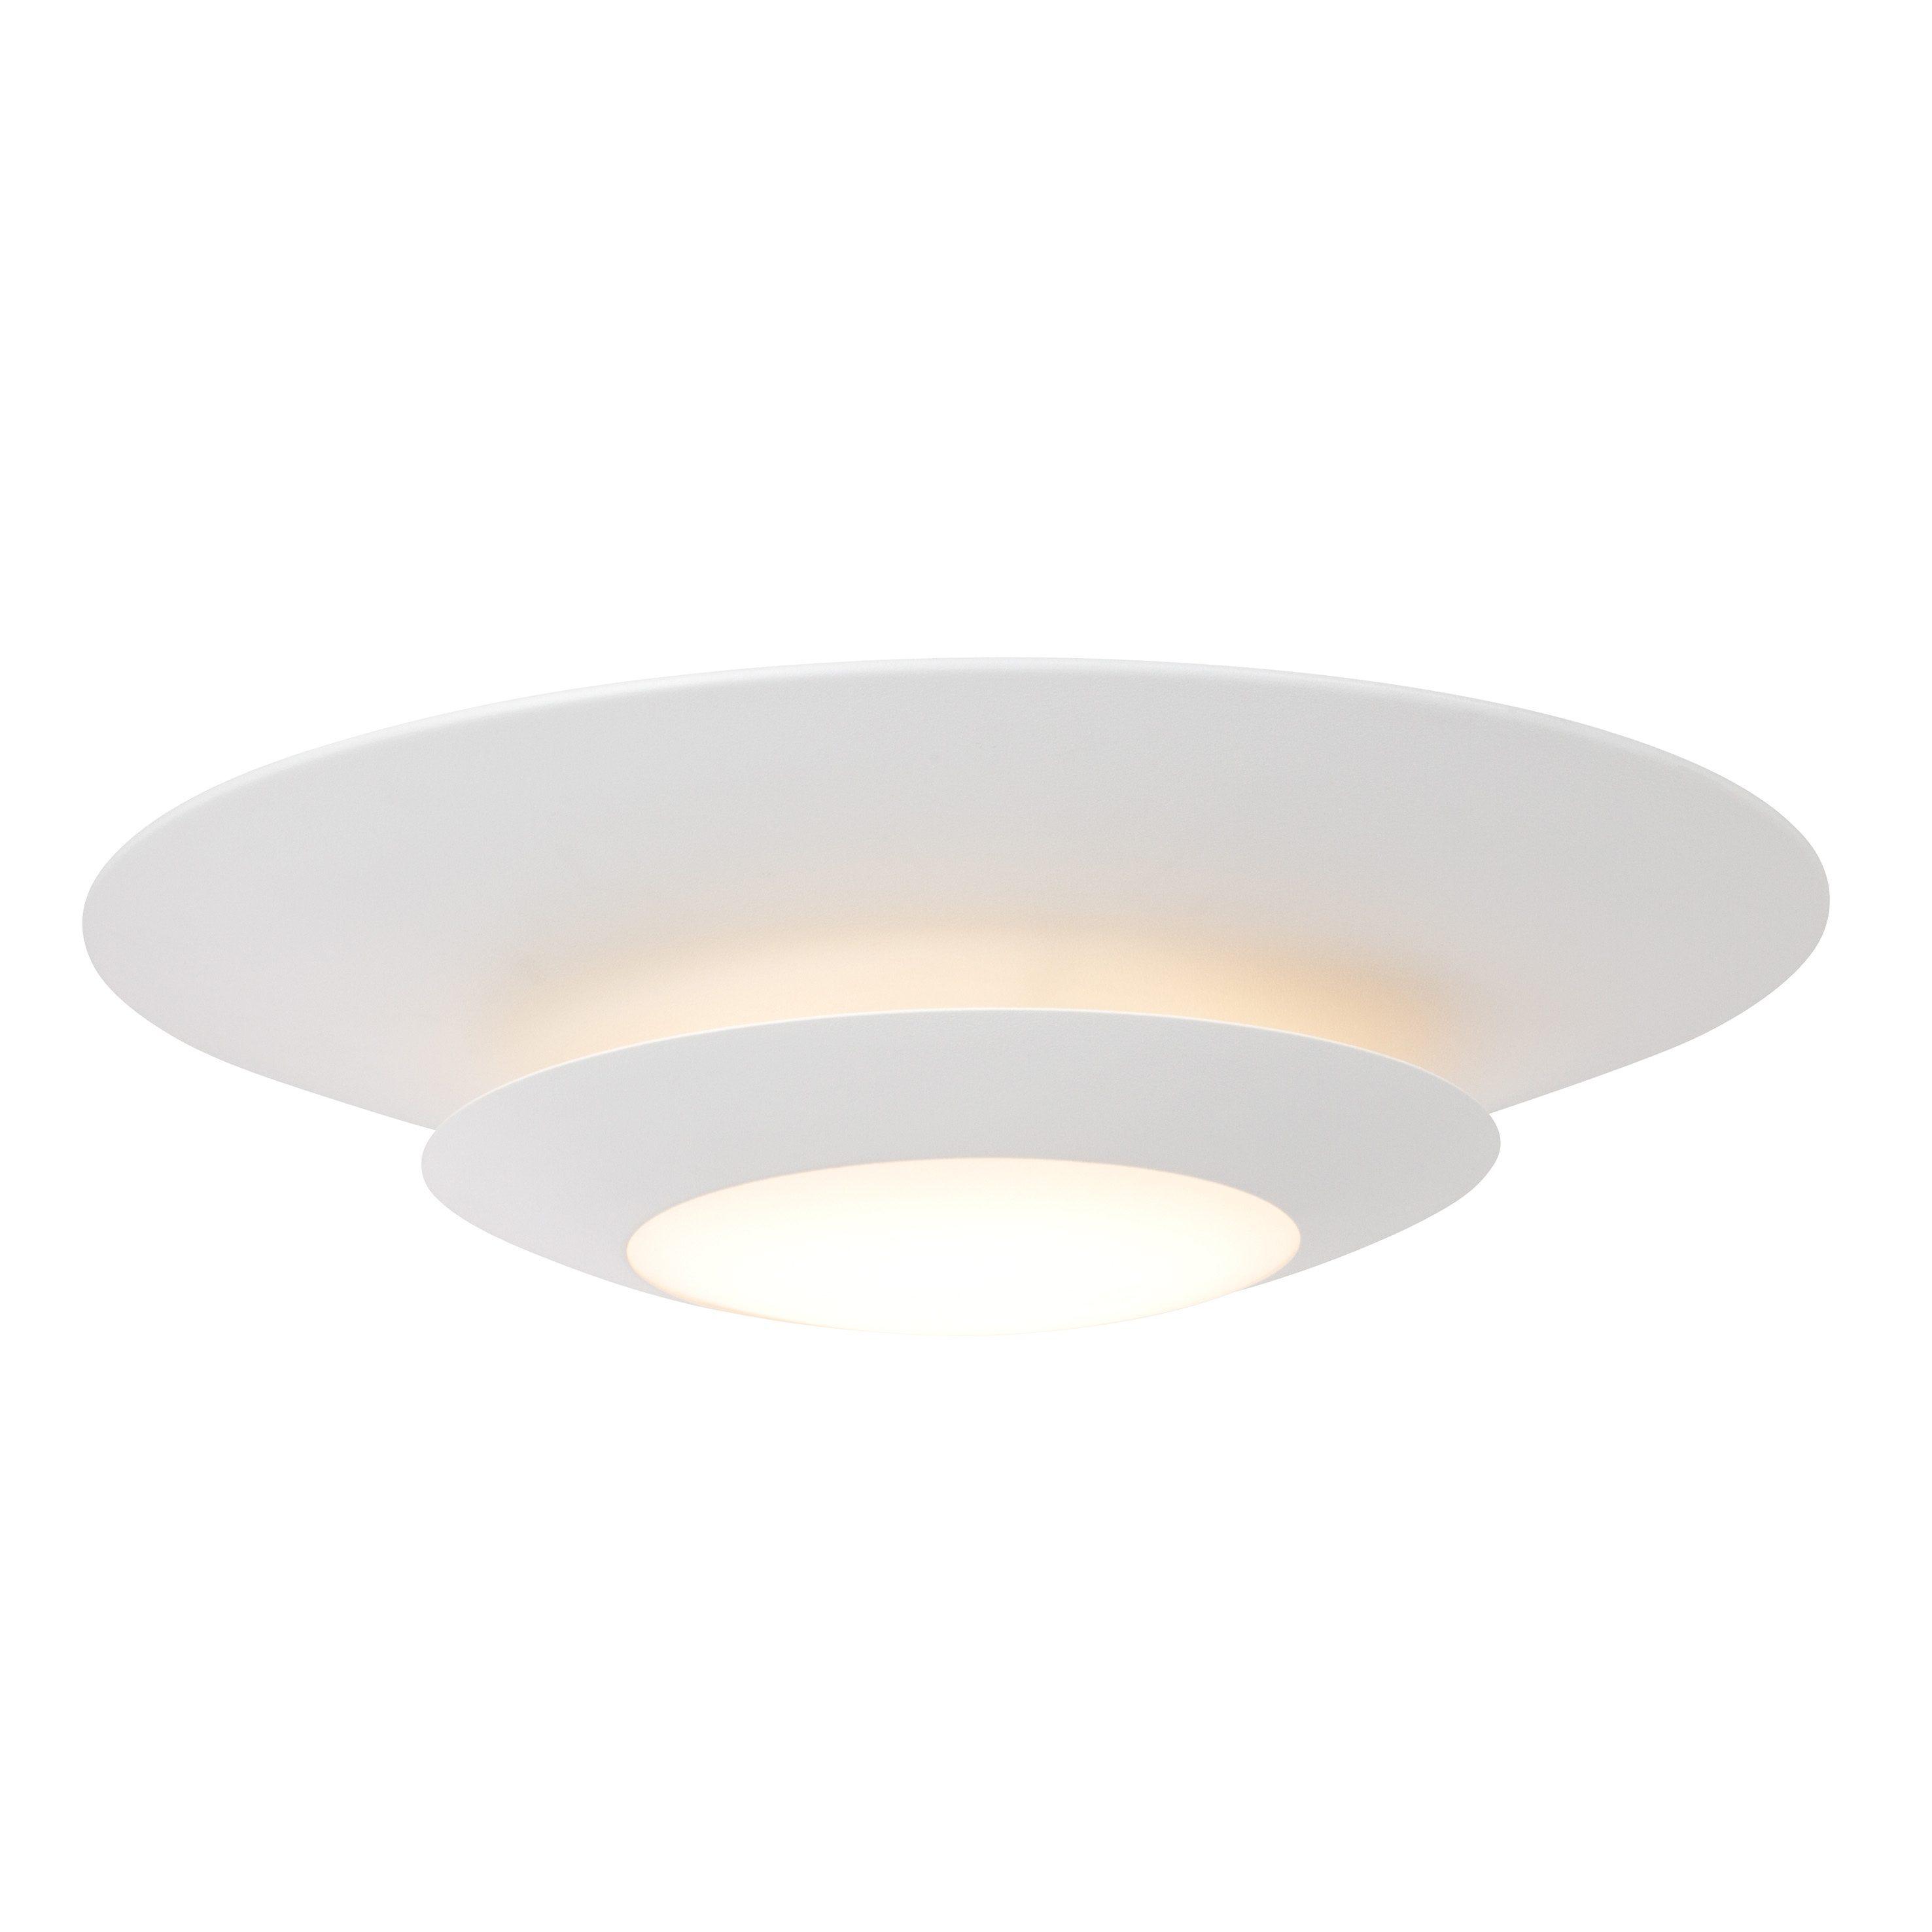 Brilliant Leuchten LED Deckenleuchte »TEIDE«